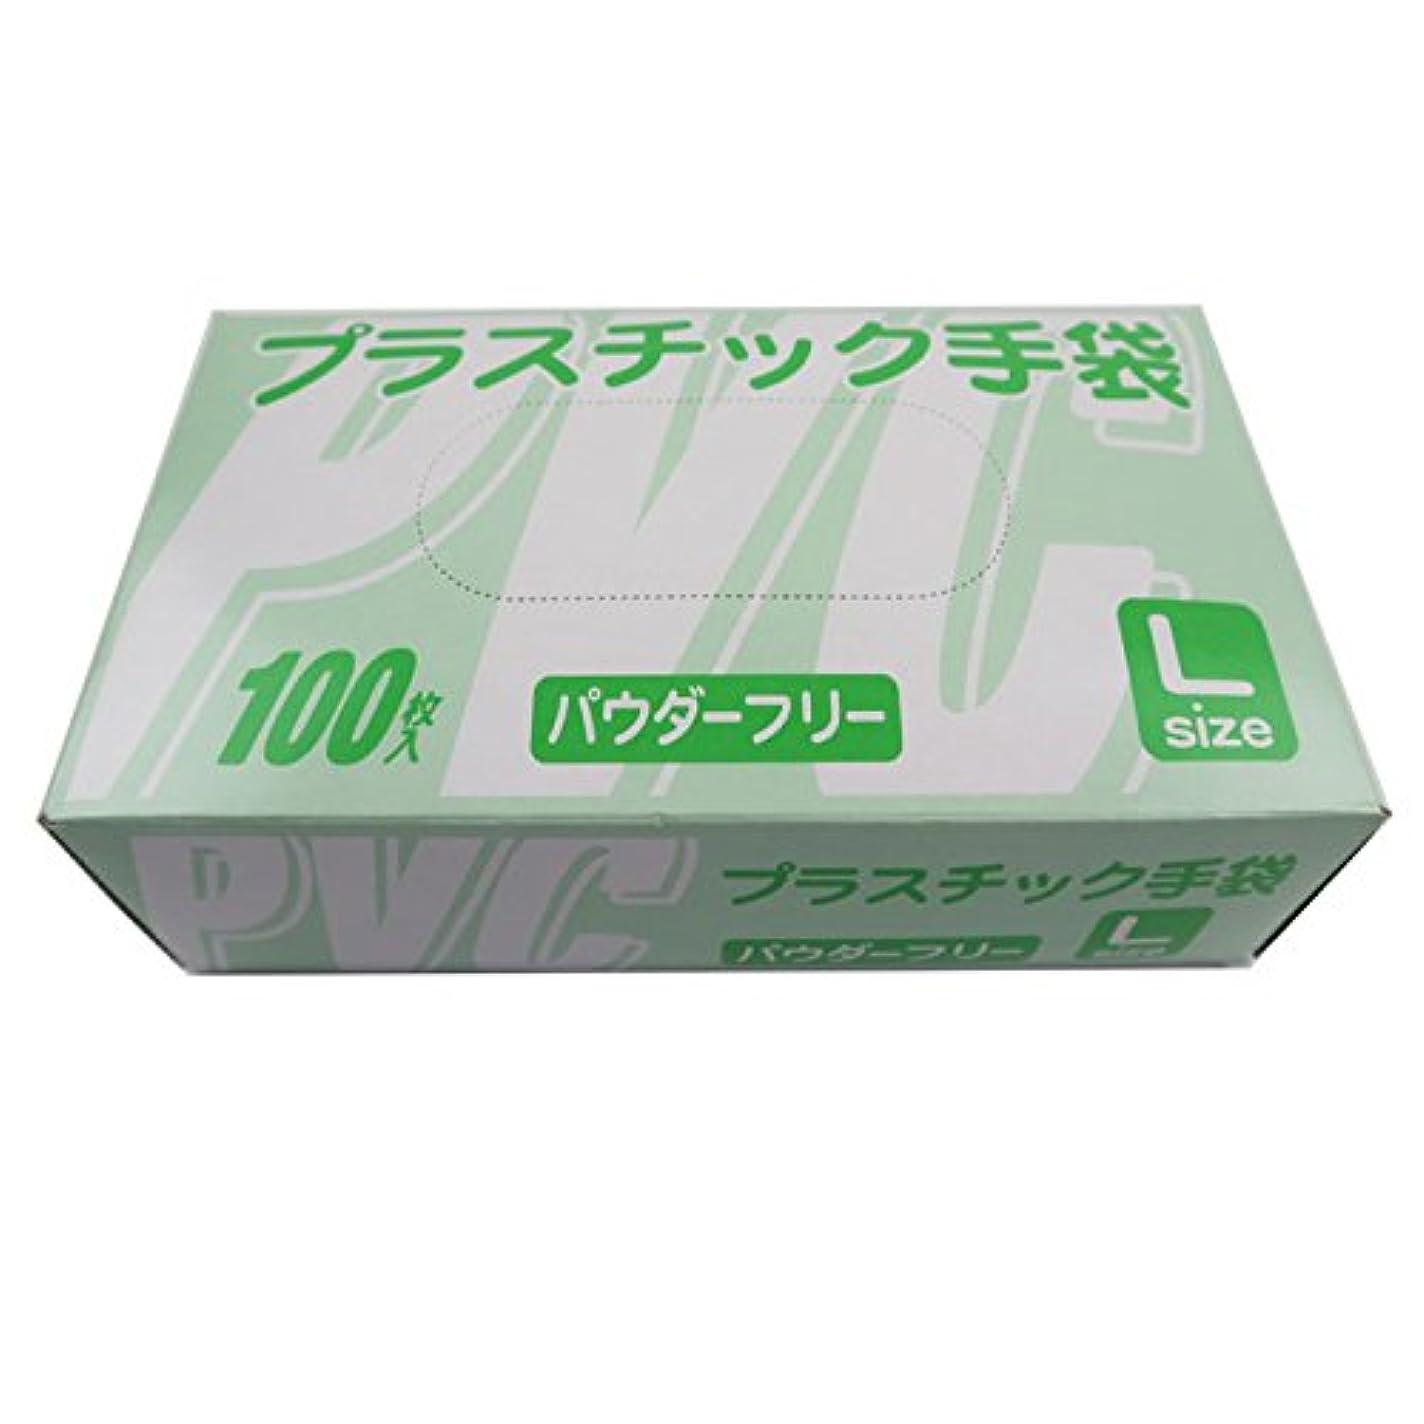 【お得なセット商品】使い捨て手袋 プラスチックグローブ 粉なし(パウダーフリー) Lサイズ 100枚入×20個 超薄手 100433